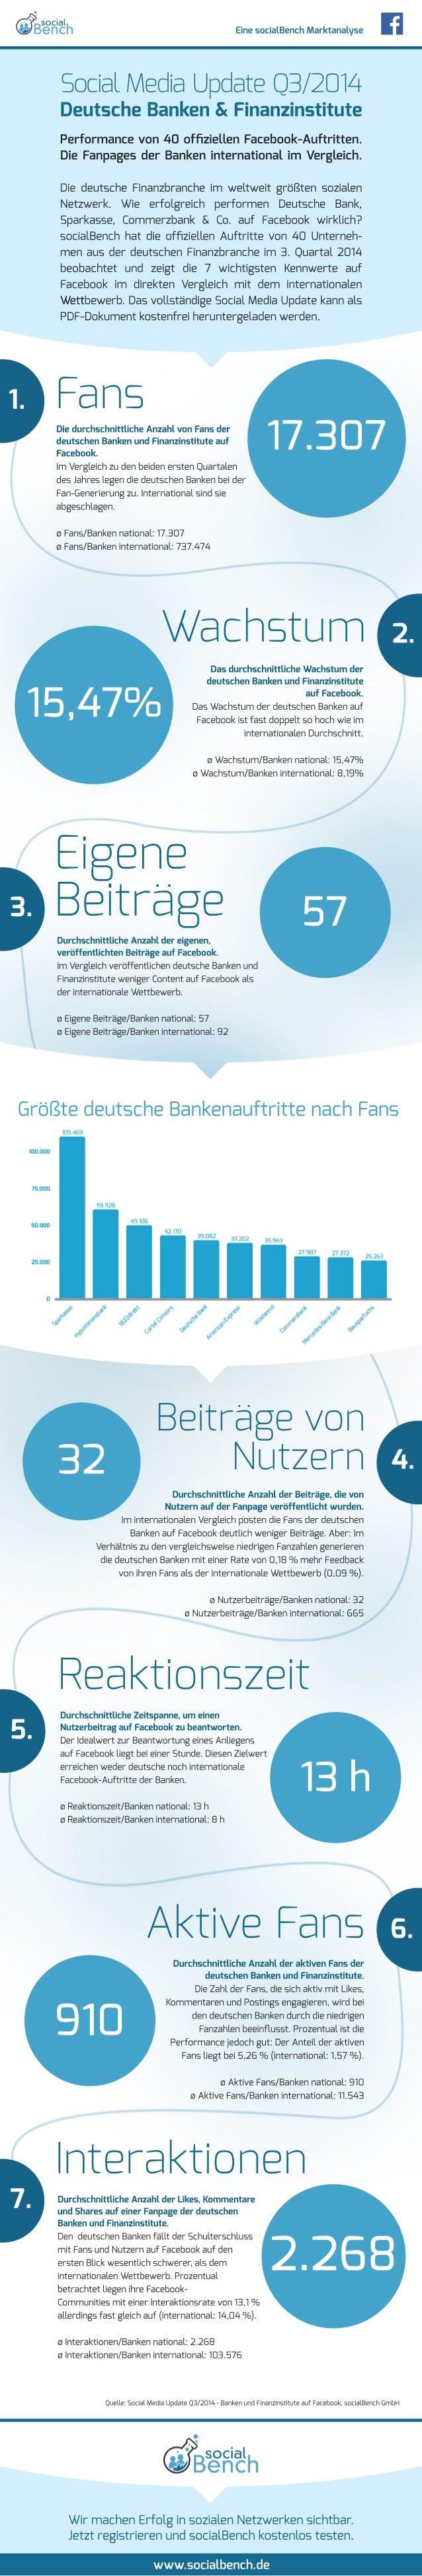 Eine socialBench Marktanalyse  Social Media Update Q3/2014  Deutsche Banken & Finanzinstitute  Performance von 40 offiziel...